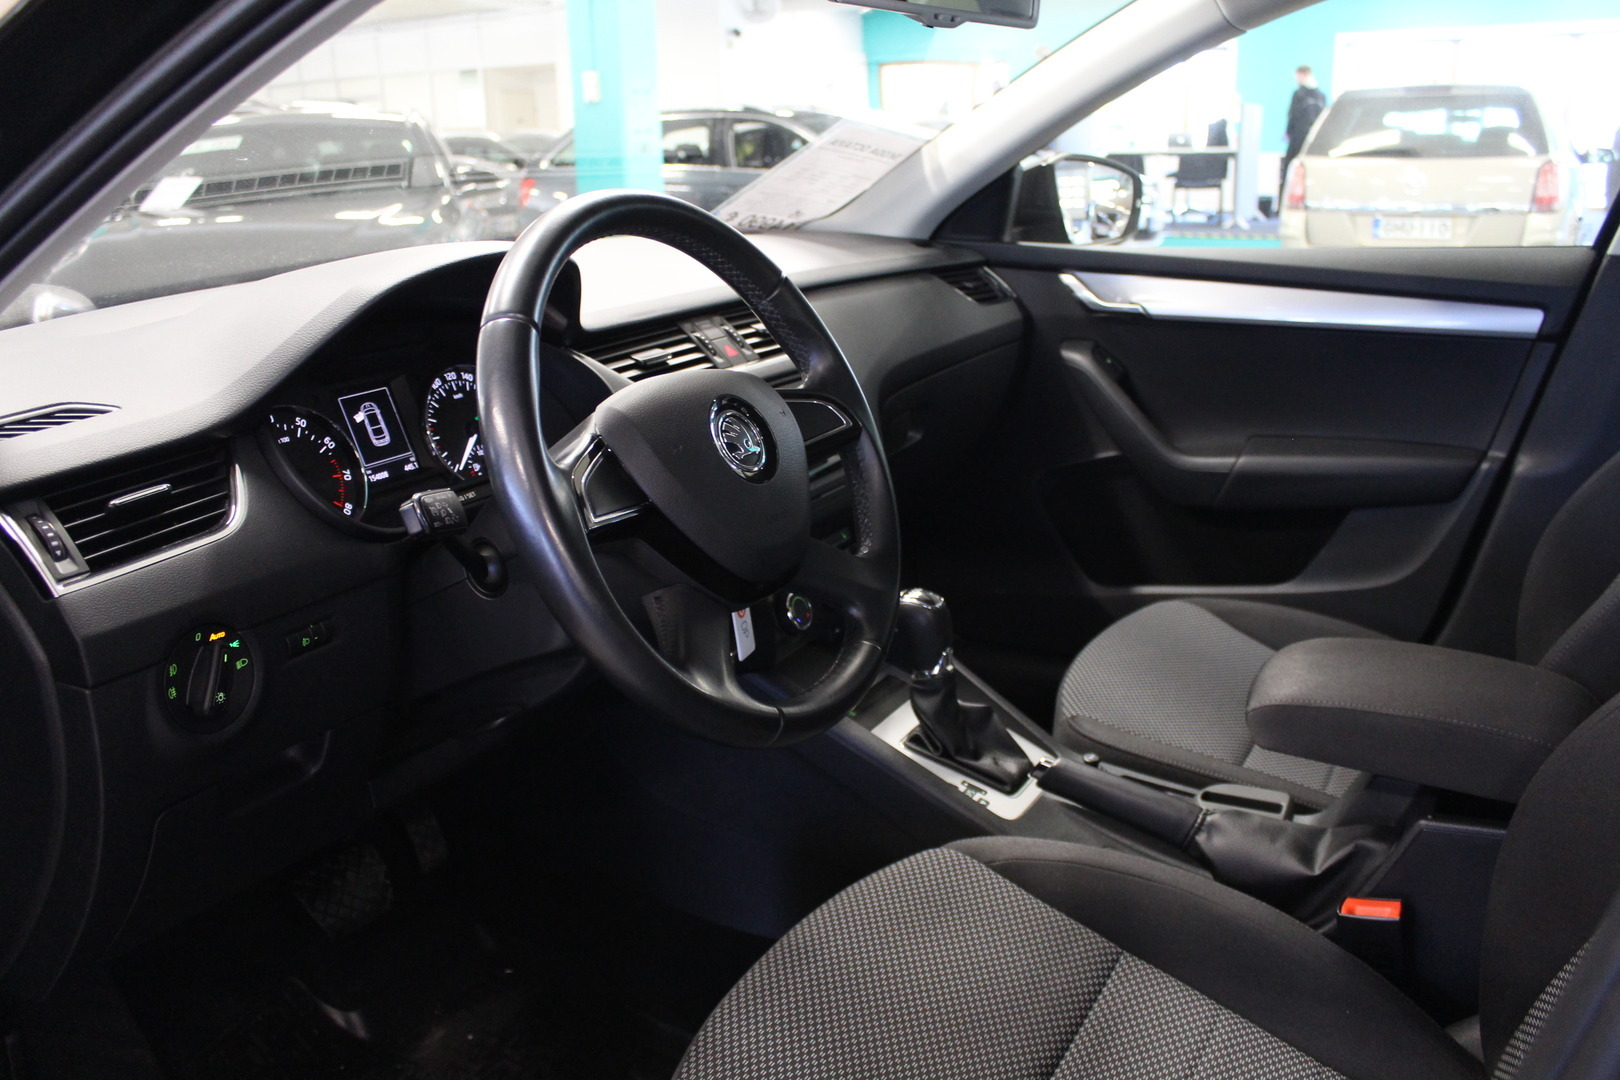 Skoda Octavia, 1,4 TSI DSG Autom.  #Huippusiisti  #Skoda ajoturva voimassa 02.01.2020 /176000km asti